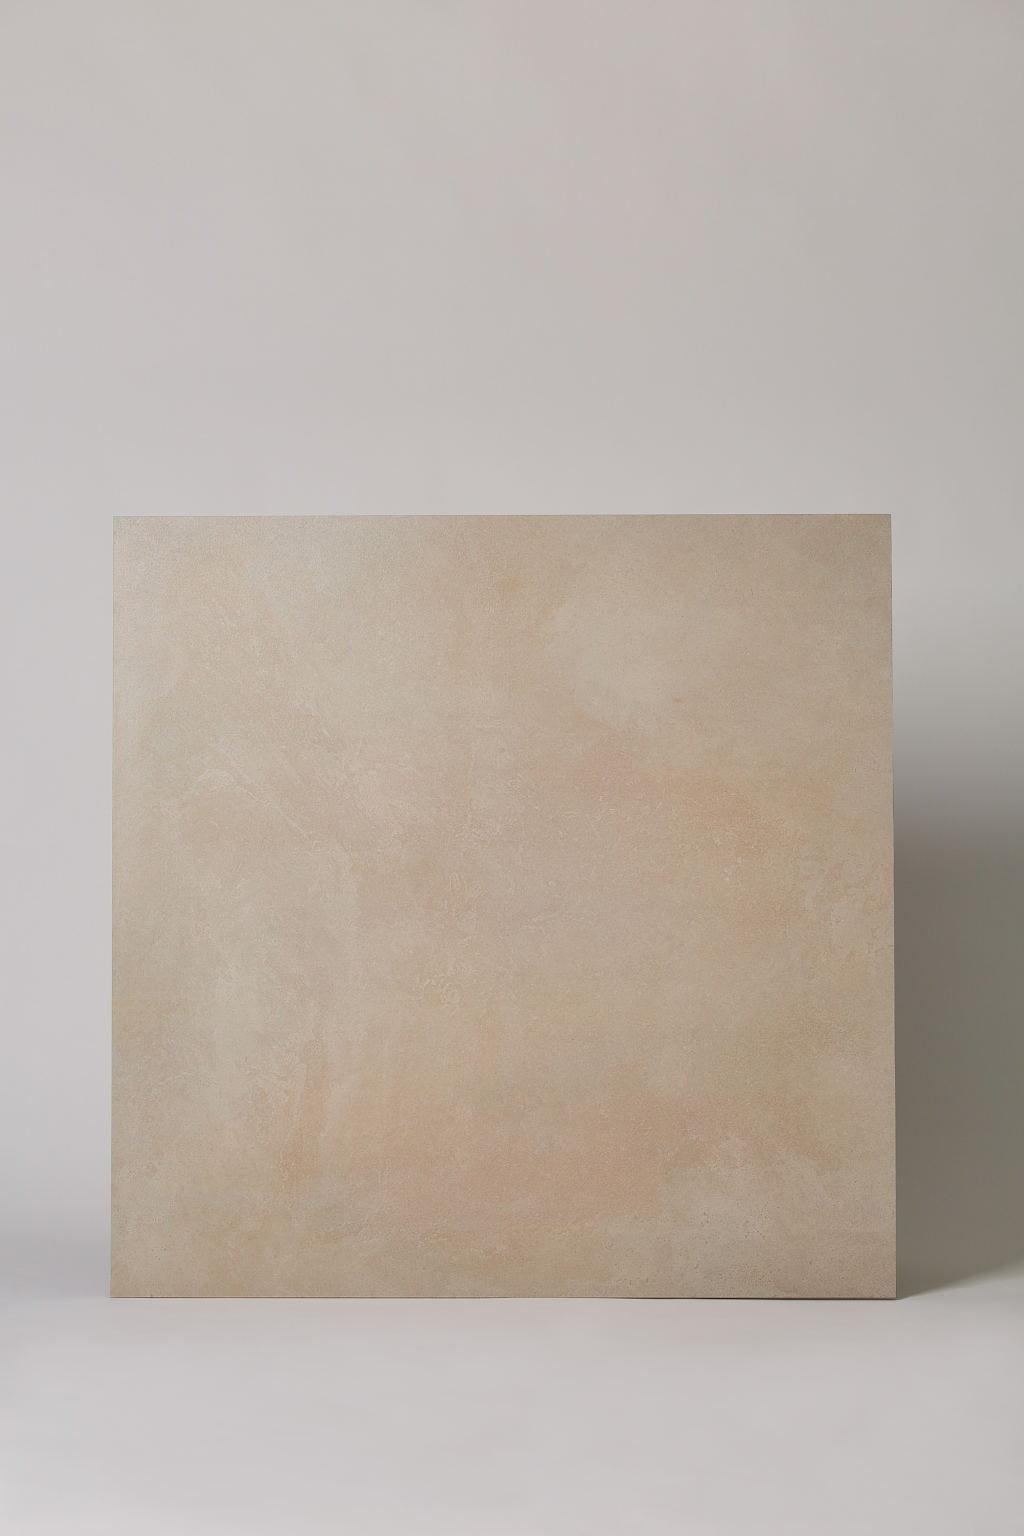 Płytka włoska, gresowa, rektyfikowana, mrozoodporna, podłoga, taras, matowa, rozmiar 81x81cm - COTTO PETRUS Emotion taupe